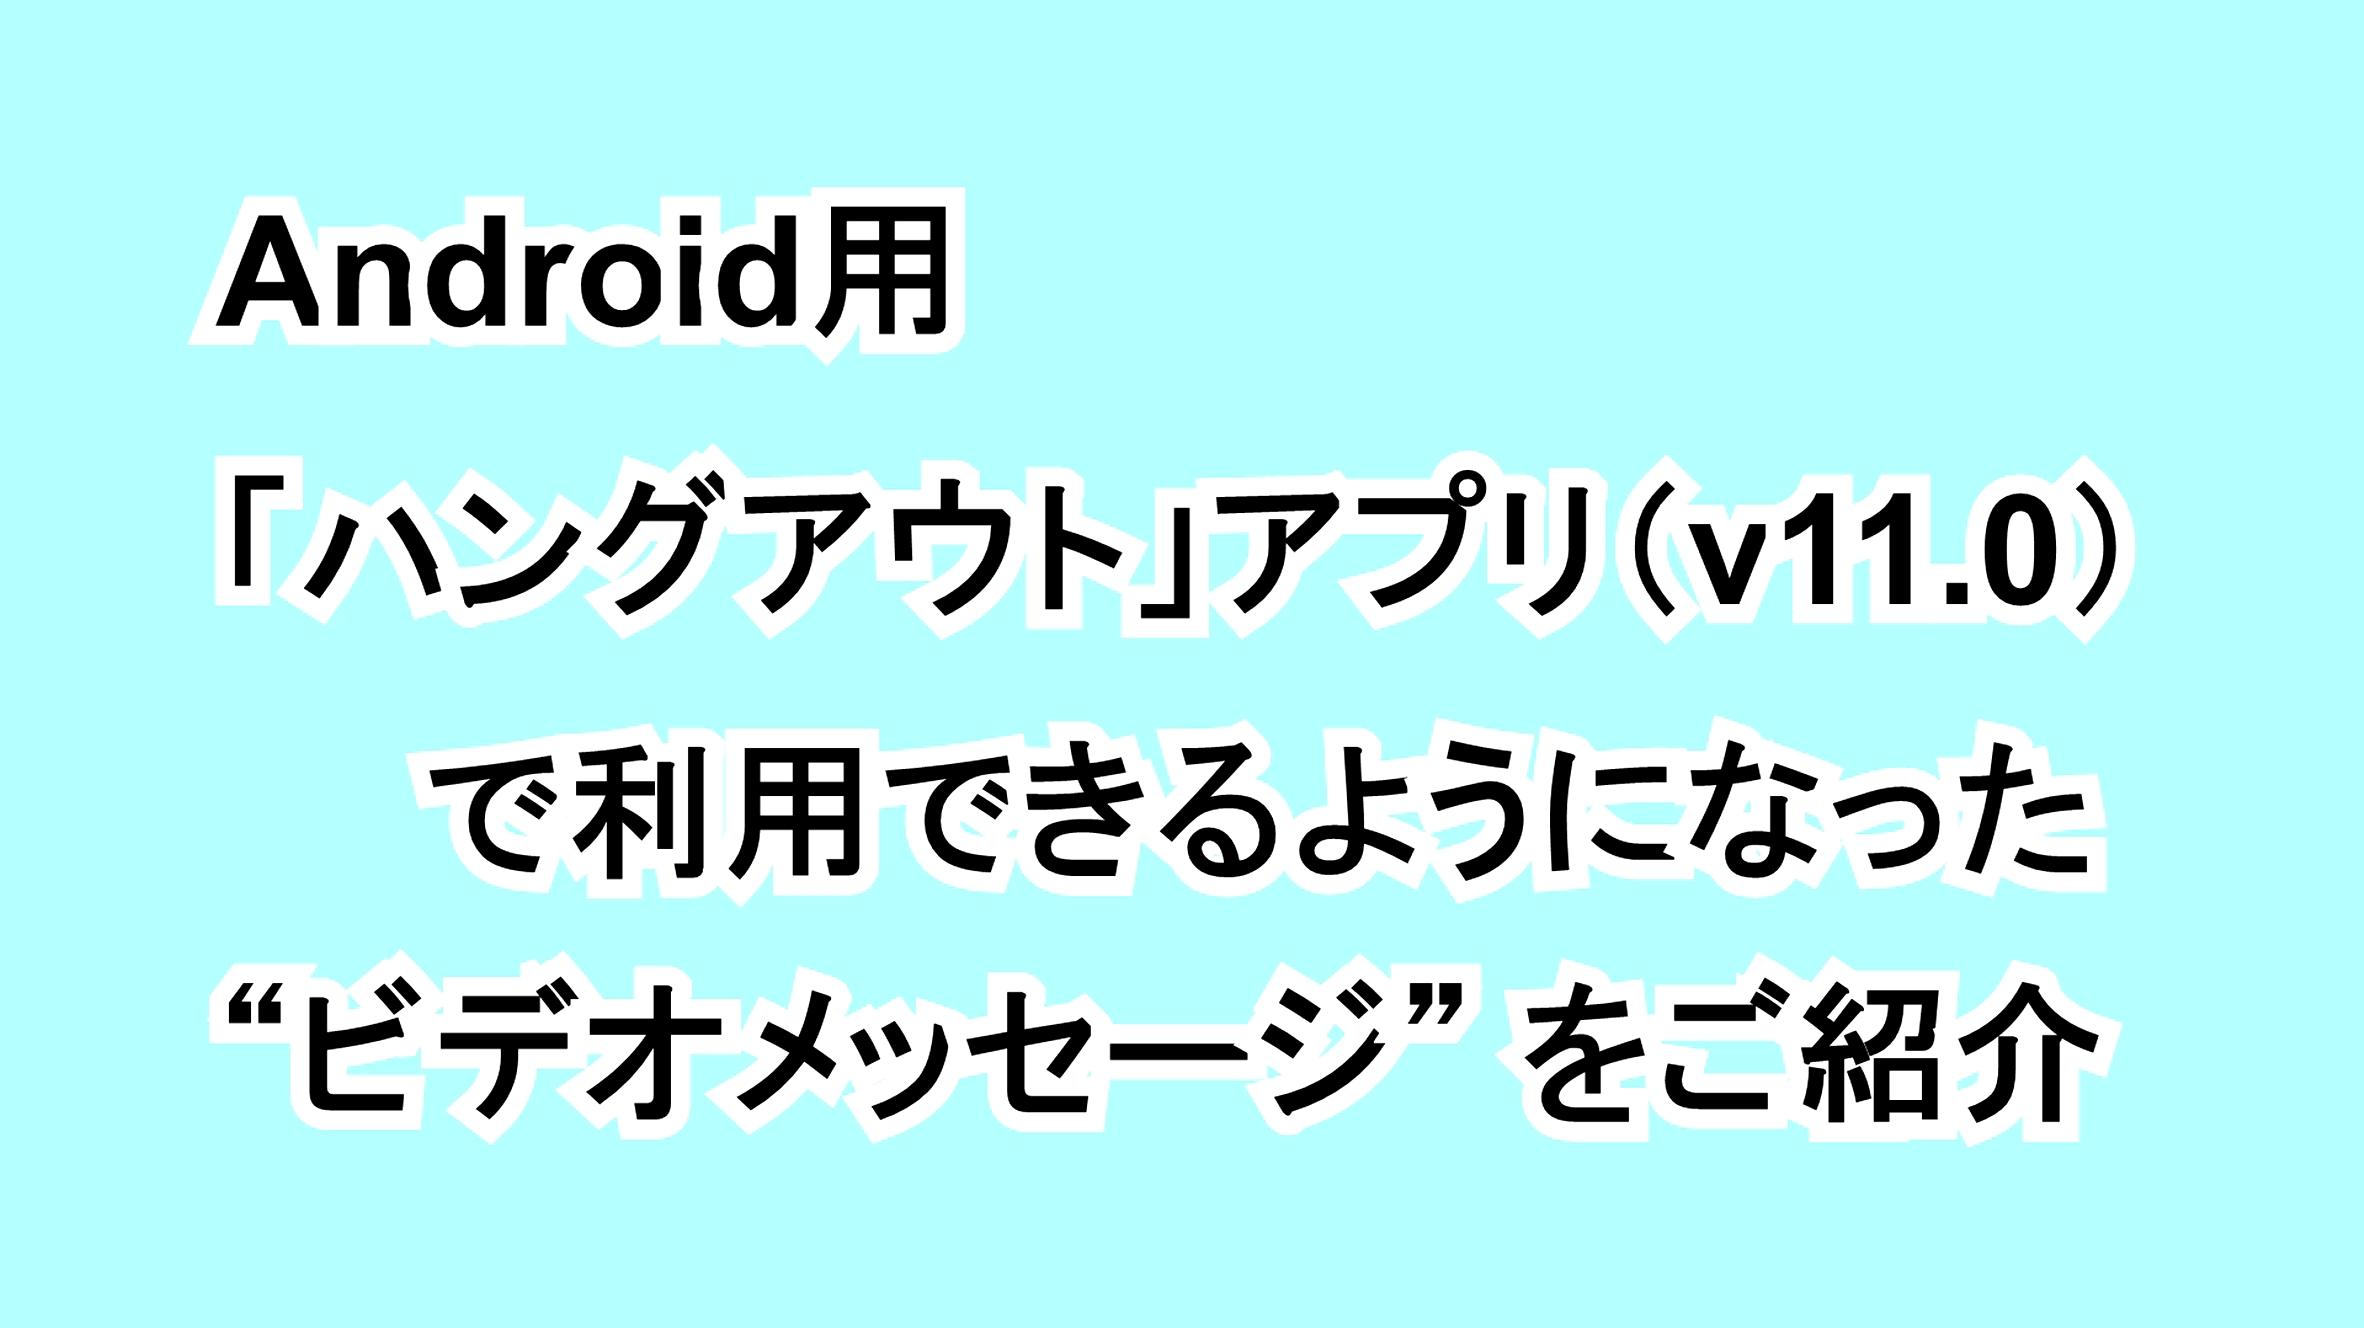 """Android用「ハングアウト」アプリ(v11.0)で利用できるようになった""""ビデオメッセージ""""をご紹介"""